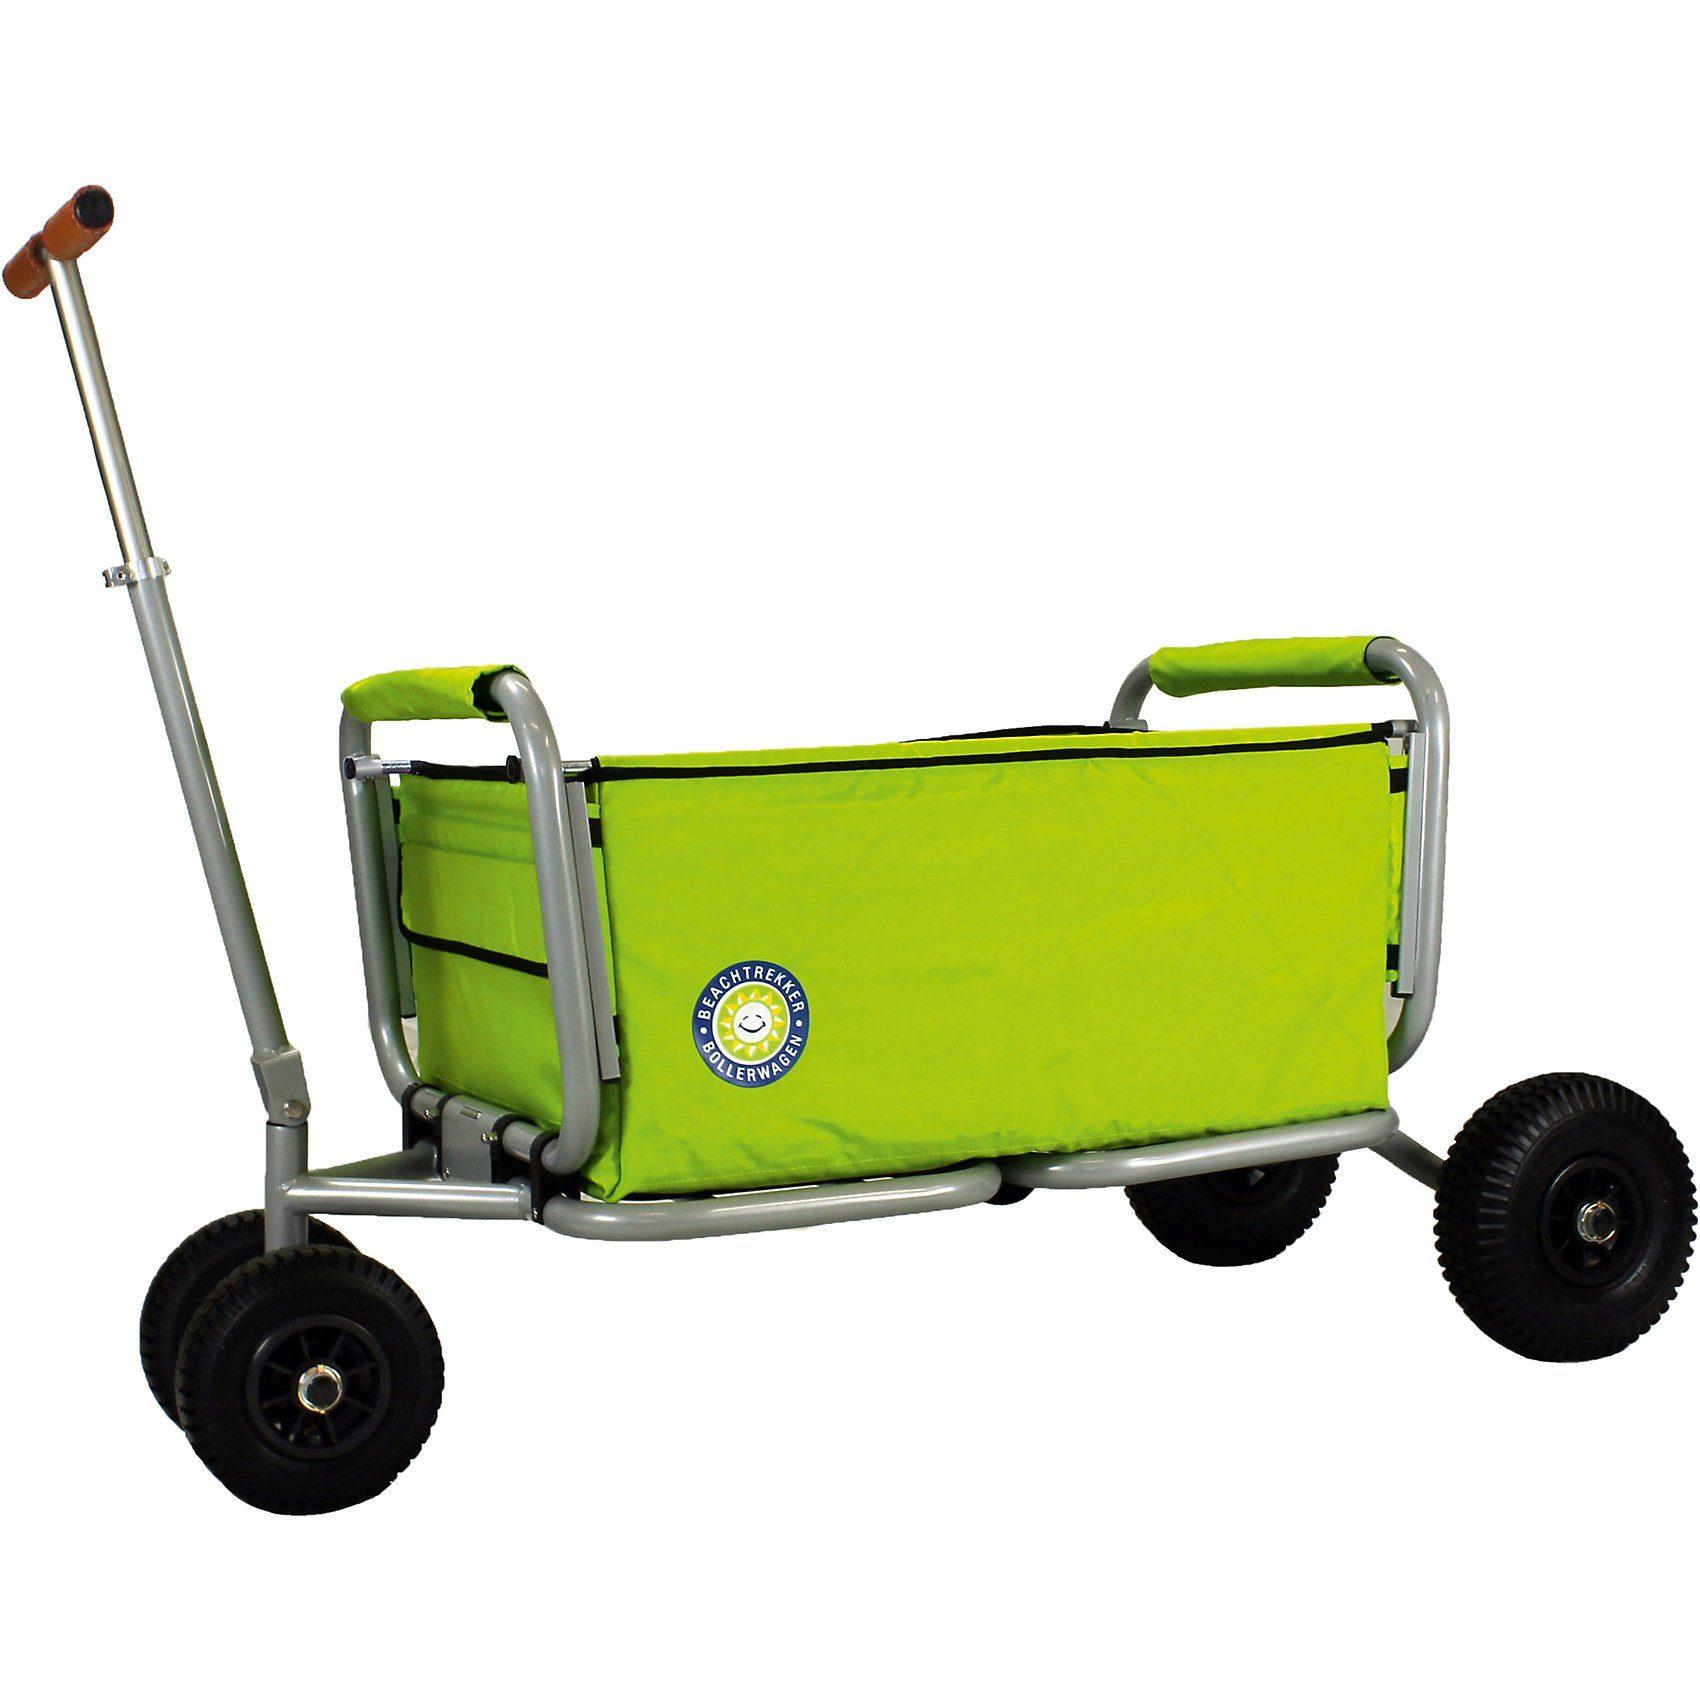 Beachtrekker Bollerwagen Life, grün